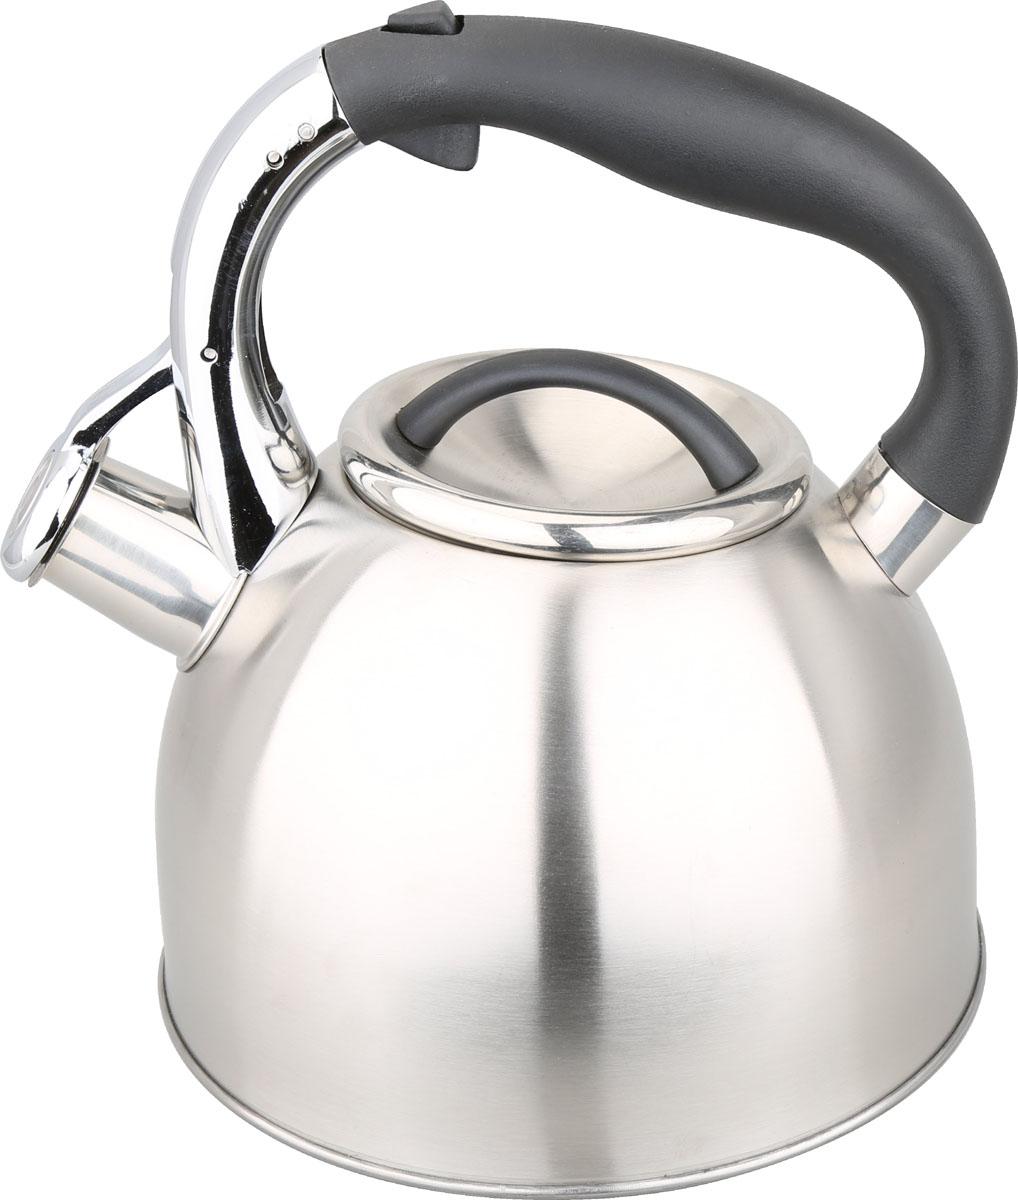 Чайник Bayerhoff, со свистком, цвет: металлик, 2,7 л. BH-447BH-447Чайник Bayerhoff изготовлен из высококачественной нержавеющей стали. Нержавеющаясталь обладает высокой устойчивостью к коррозии, не вступает в реакцию с холодными игорячими продуктами и полностью сохраняет их вкусовые качества. Чайник оснащен удобной пластиковойручкой, которая не нагревается и не скользит. Носикчайника имеет откидной свисток, звуковой сигнал которого подскажет, когда закипит вода.Свисток открывается кнопкой на ручке.Чайник Bayerhoff пригоден для использования на всех видах плит.